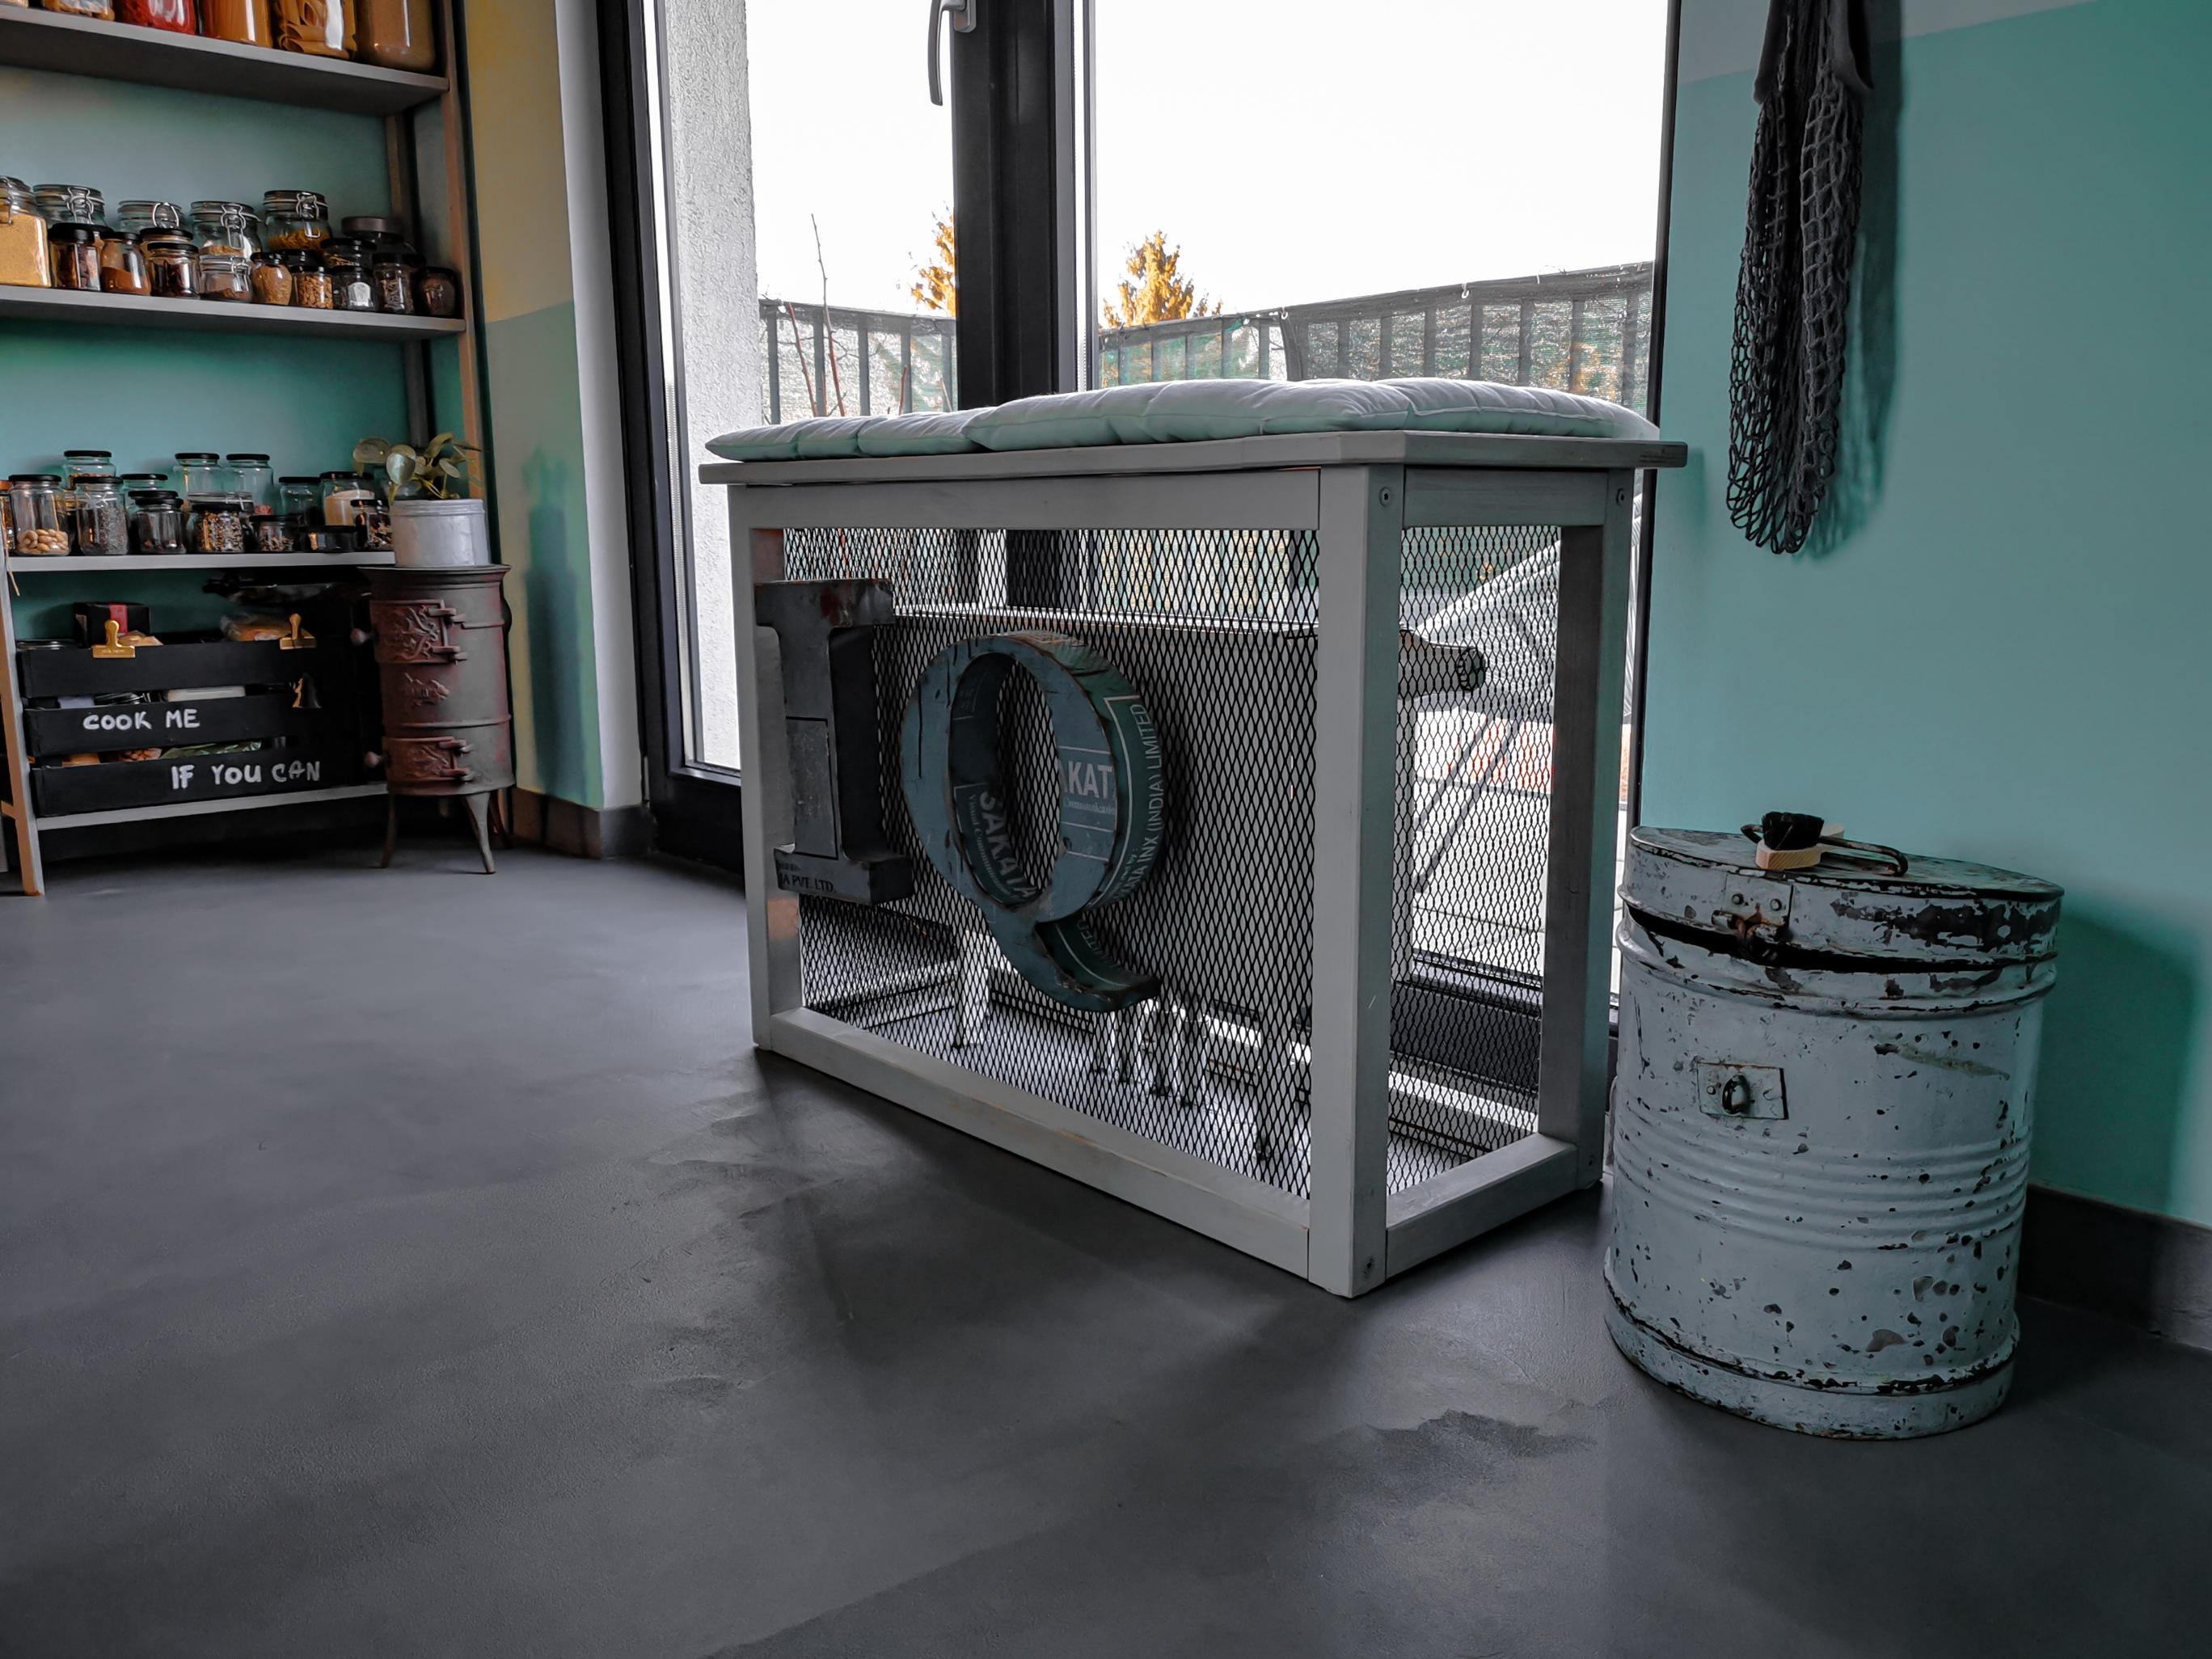 IMG 20200208 153021 1 resized 20200605 014712253 - Projekt Vorzimmer: 11 DIY-Ideen an einem Ort